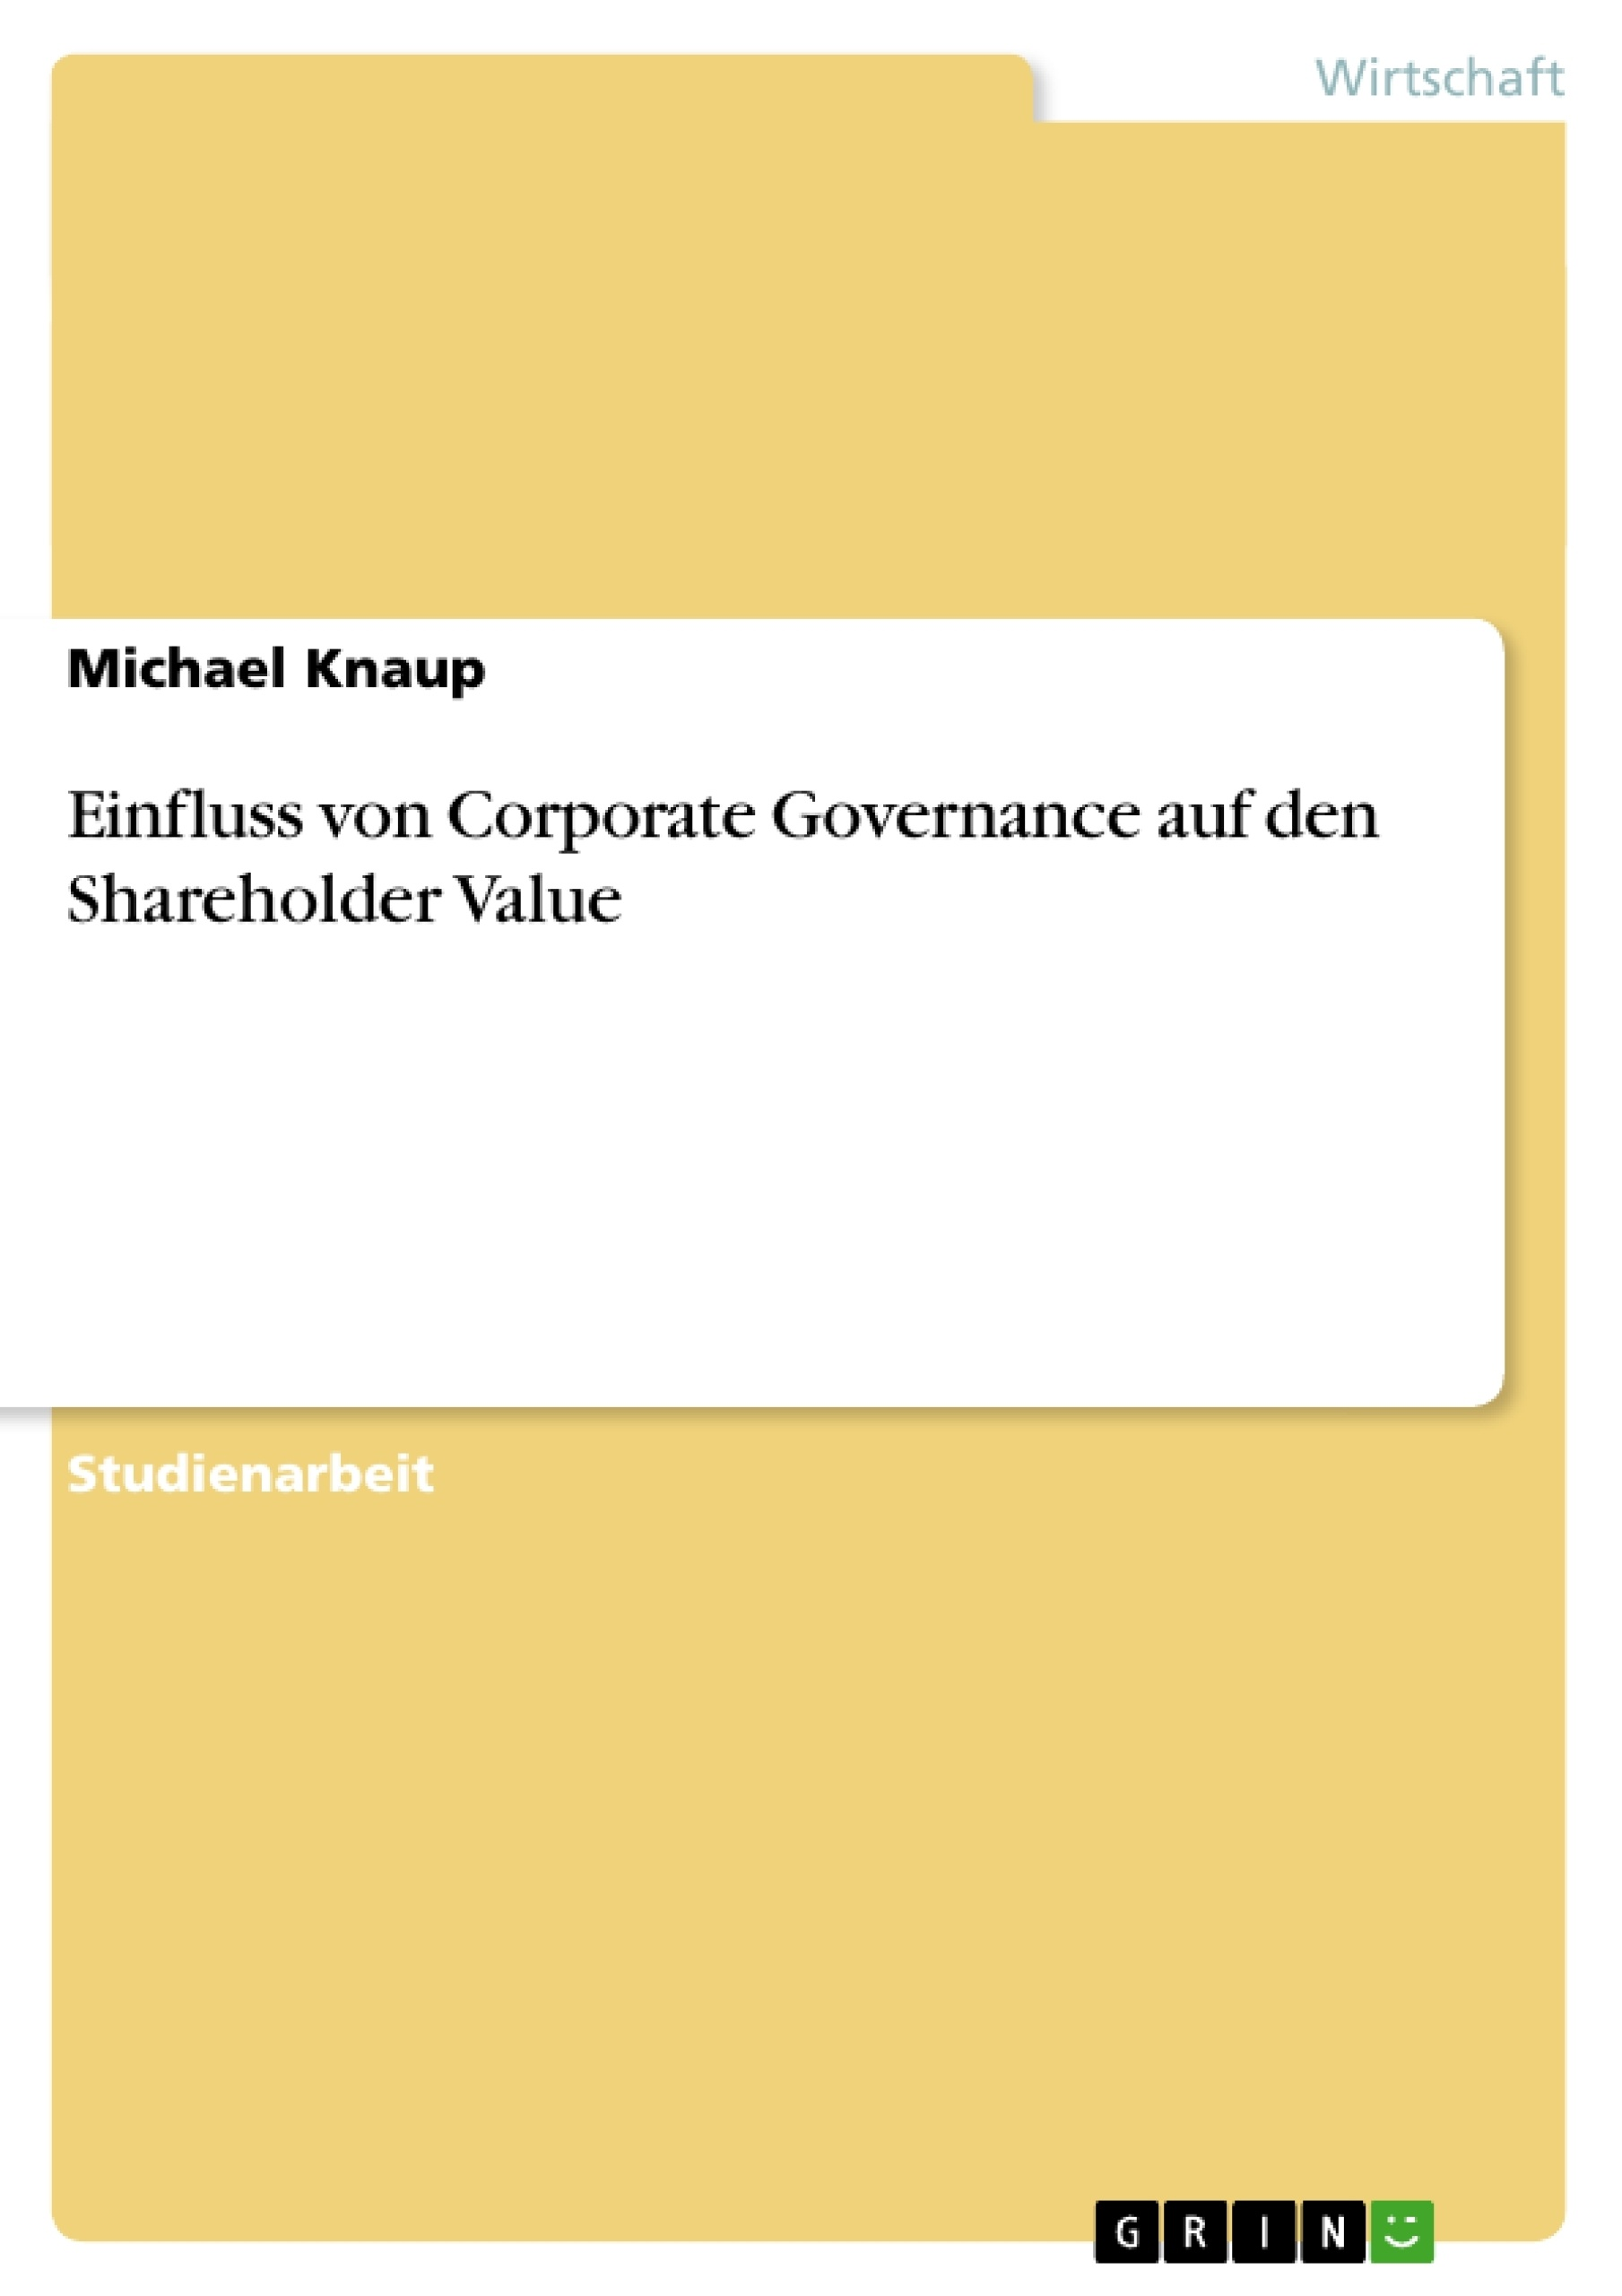 Titel: Einfluss von Corporate Governance auf den Shareholder Value